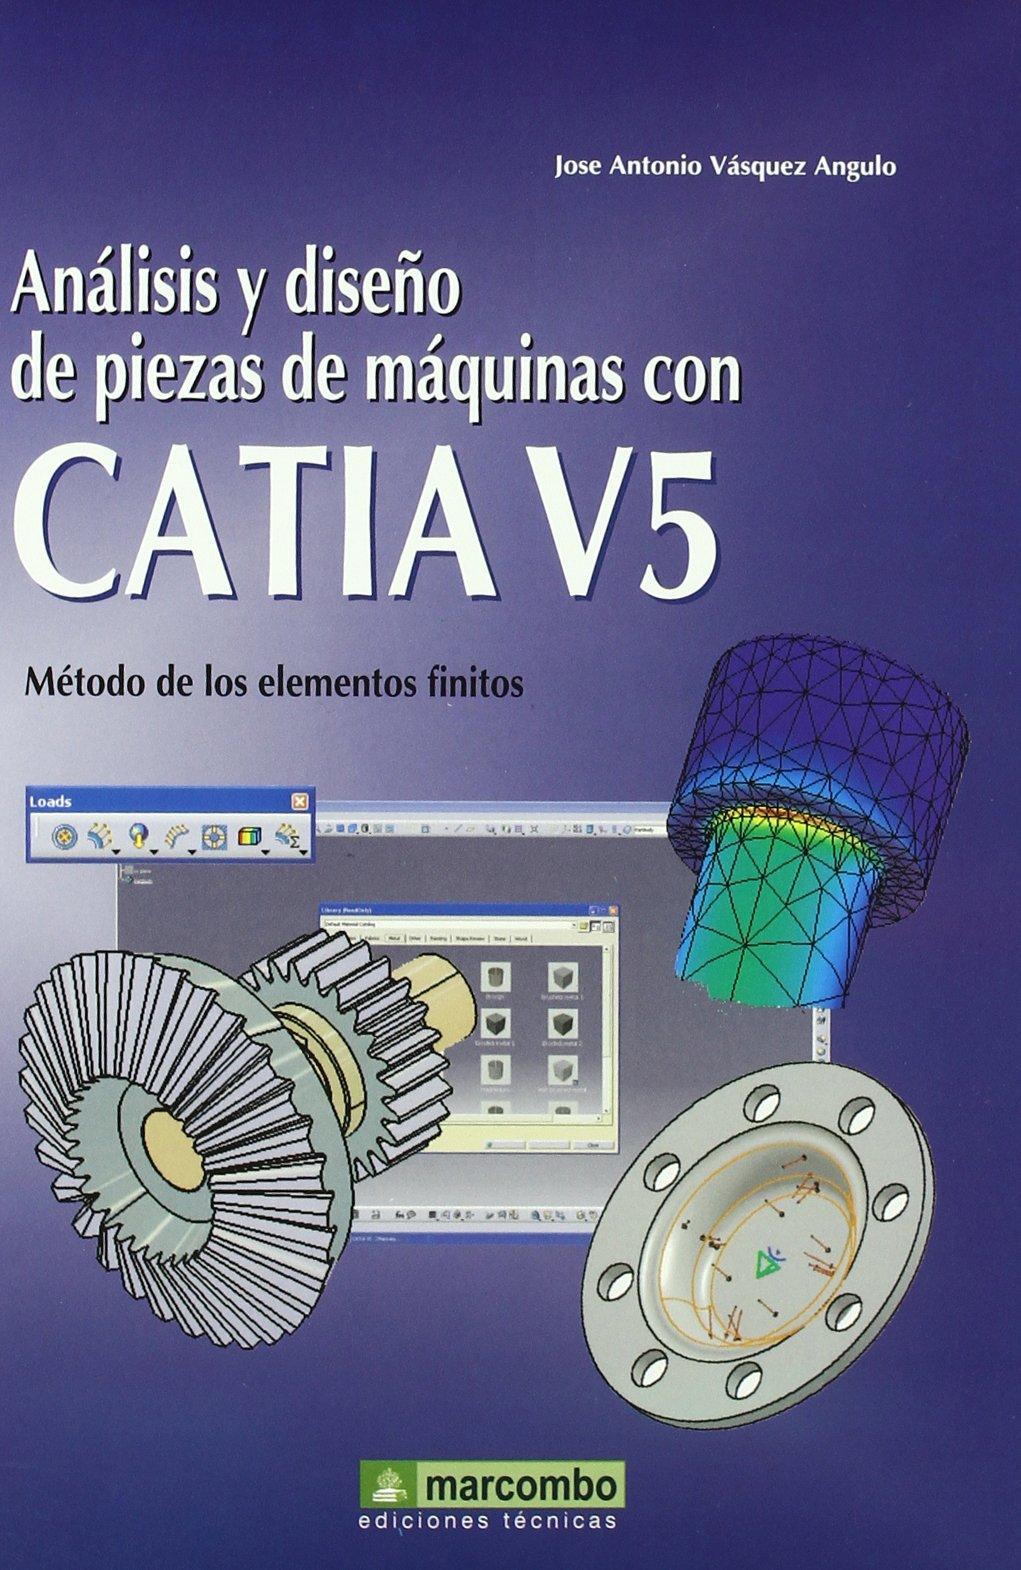 ANÁLISIS Y DISEÑO DE PIEZAS DE MÁQUINAS CON CATIA V5 (Spanish) Paperback – October 15, 2008